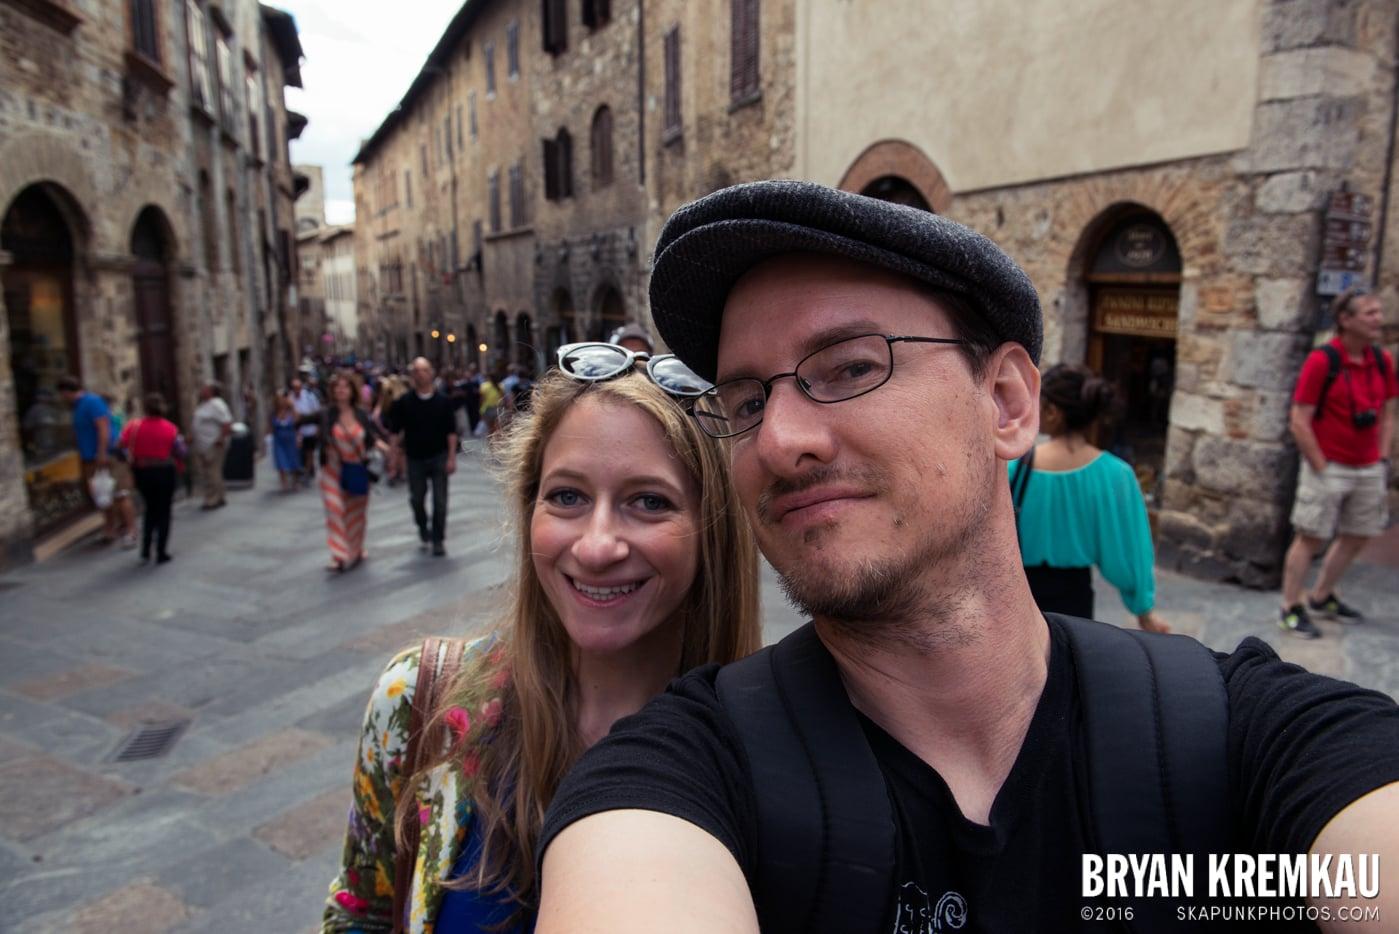 Italy Vacation - Day 8: Siena, San Gimignano, Chianti, Pisa - 9.16.13 (72)